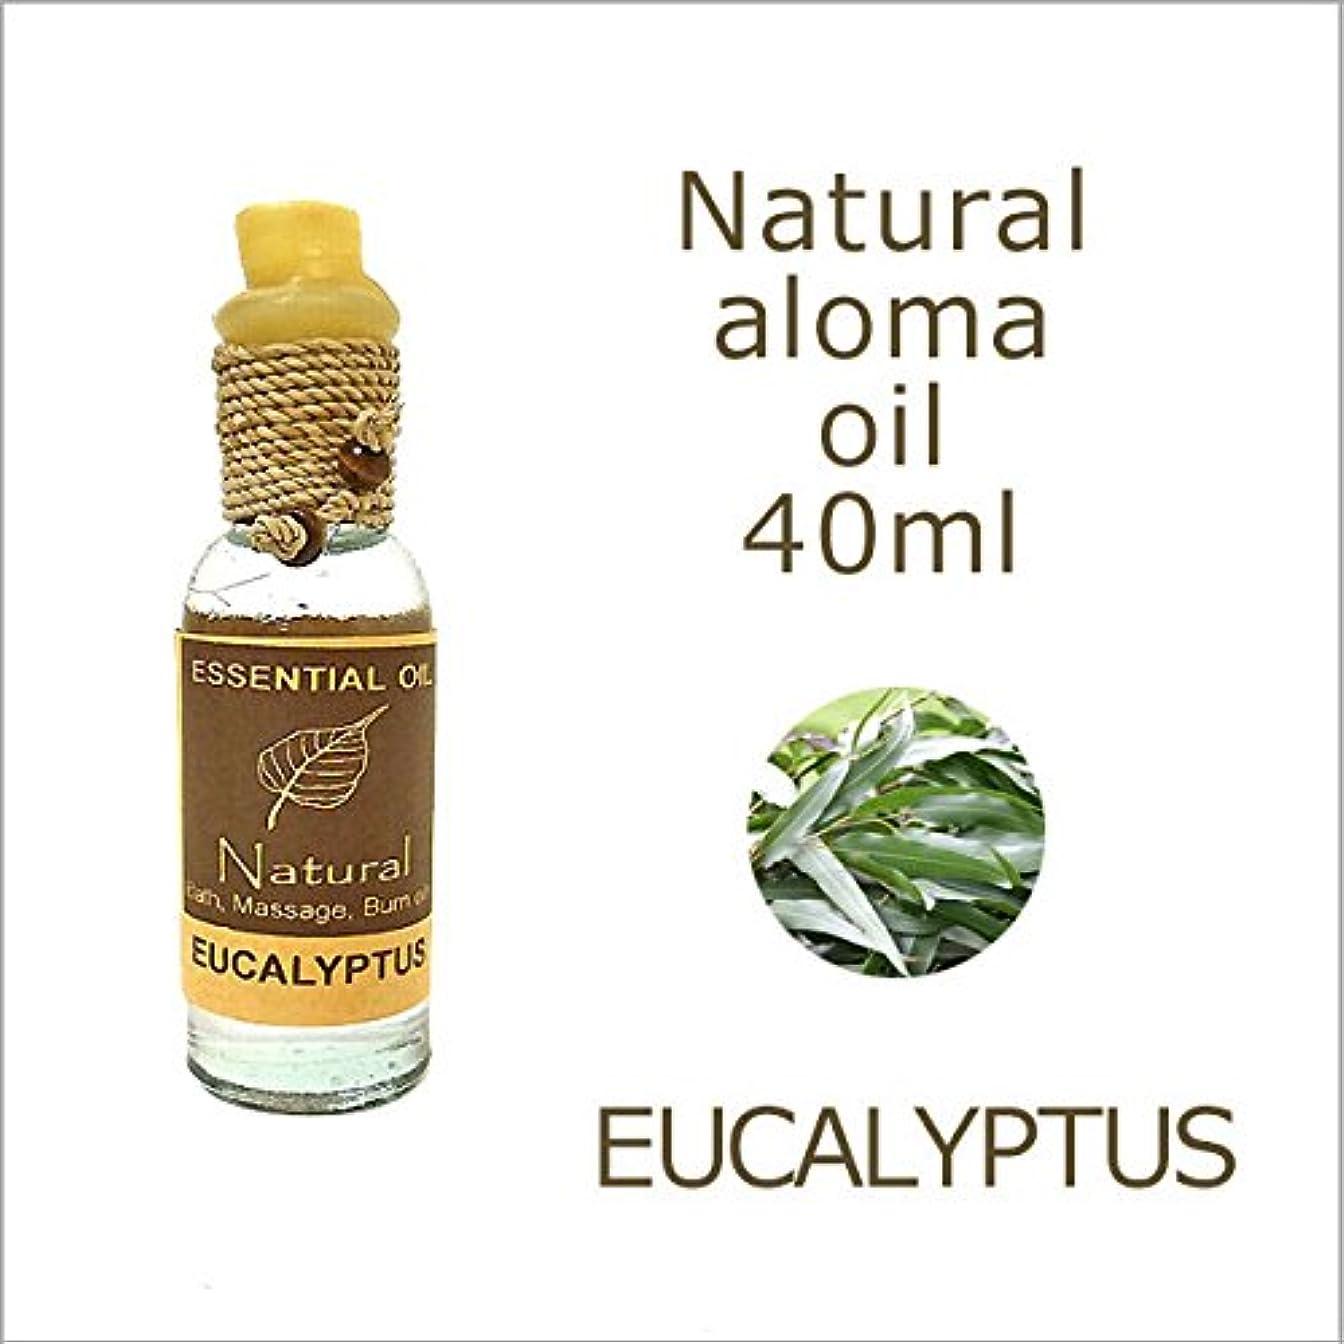 写真旋回評価ユーカリ Eucalyptusアロマオイル40ml マッサージオイル アジアン 雑貨 バリ 雑貨 タイ 雑貨 アジアン インテリア 花粉 対策 並行輸入品